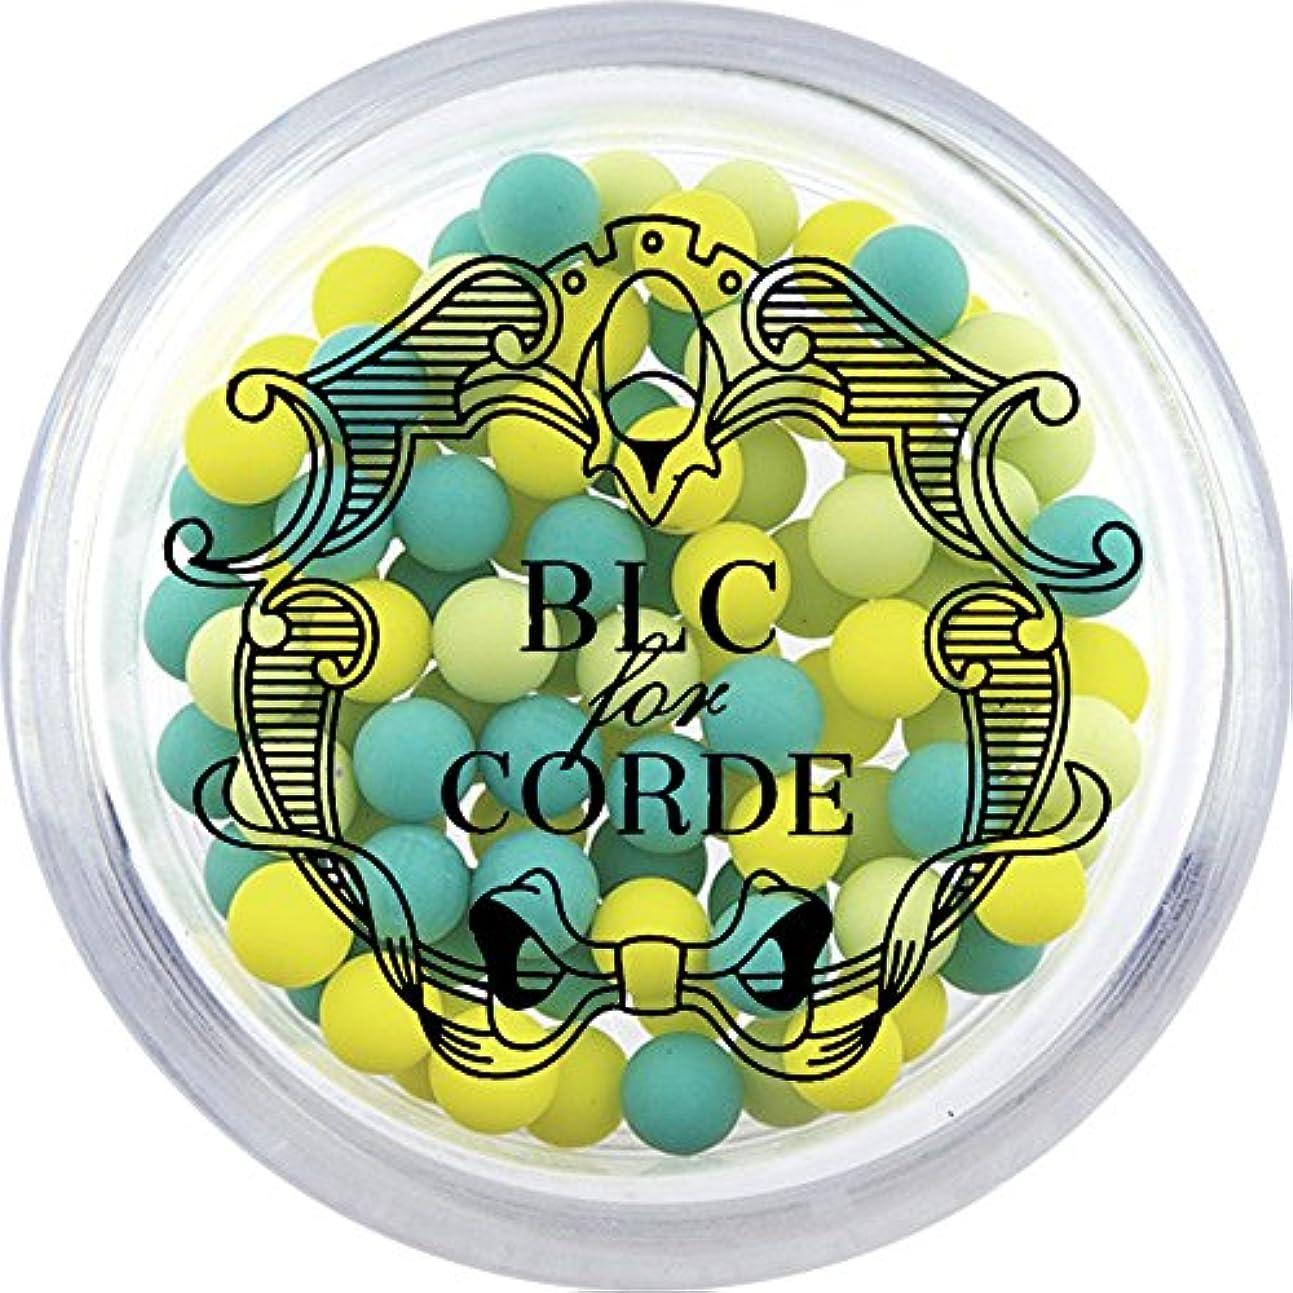 質素な服を着る受粉するBLC FOR CORDE ガラスブリオン イノセント